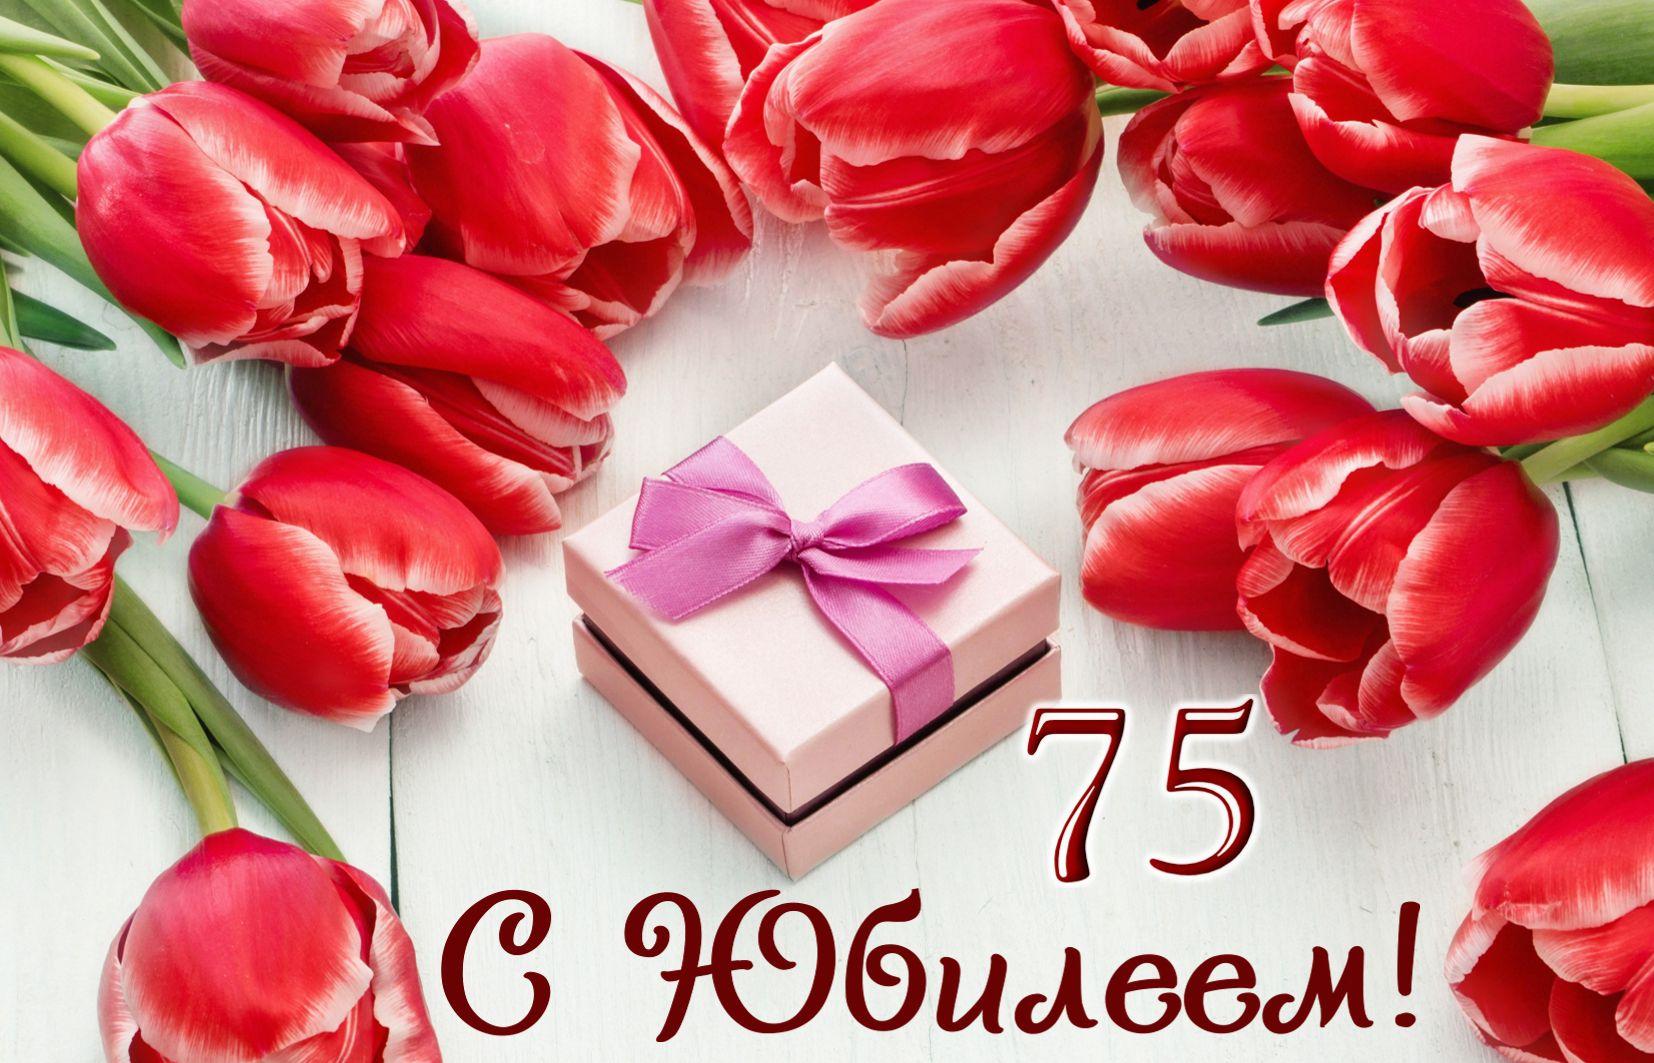 Открытка на юбилей 75 лет - подарок с лентой среди красных тюльпанов